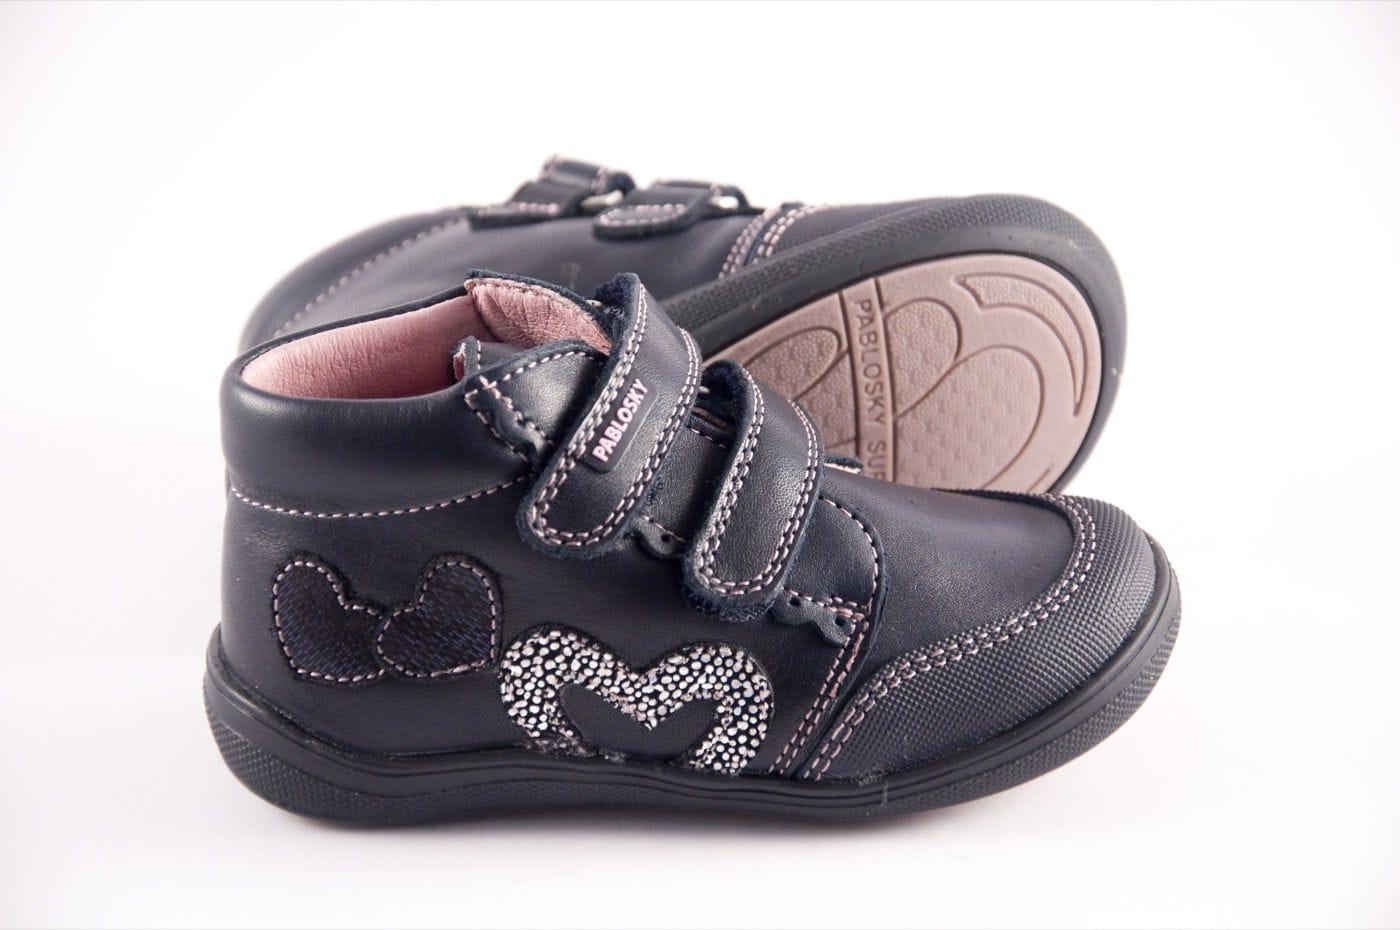 eee3ca68a21 Joven Estilo Zapato Color Tipo Bota Piel Comprar Botas Azul Niña 7RgAnq